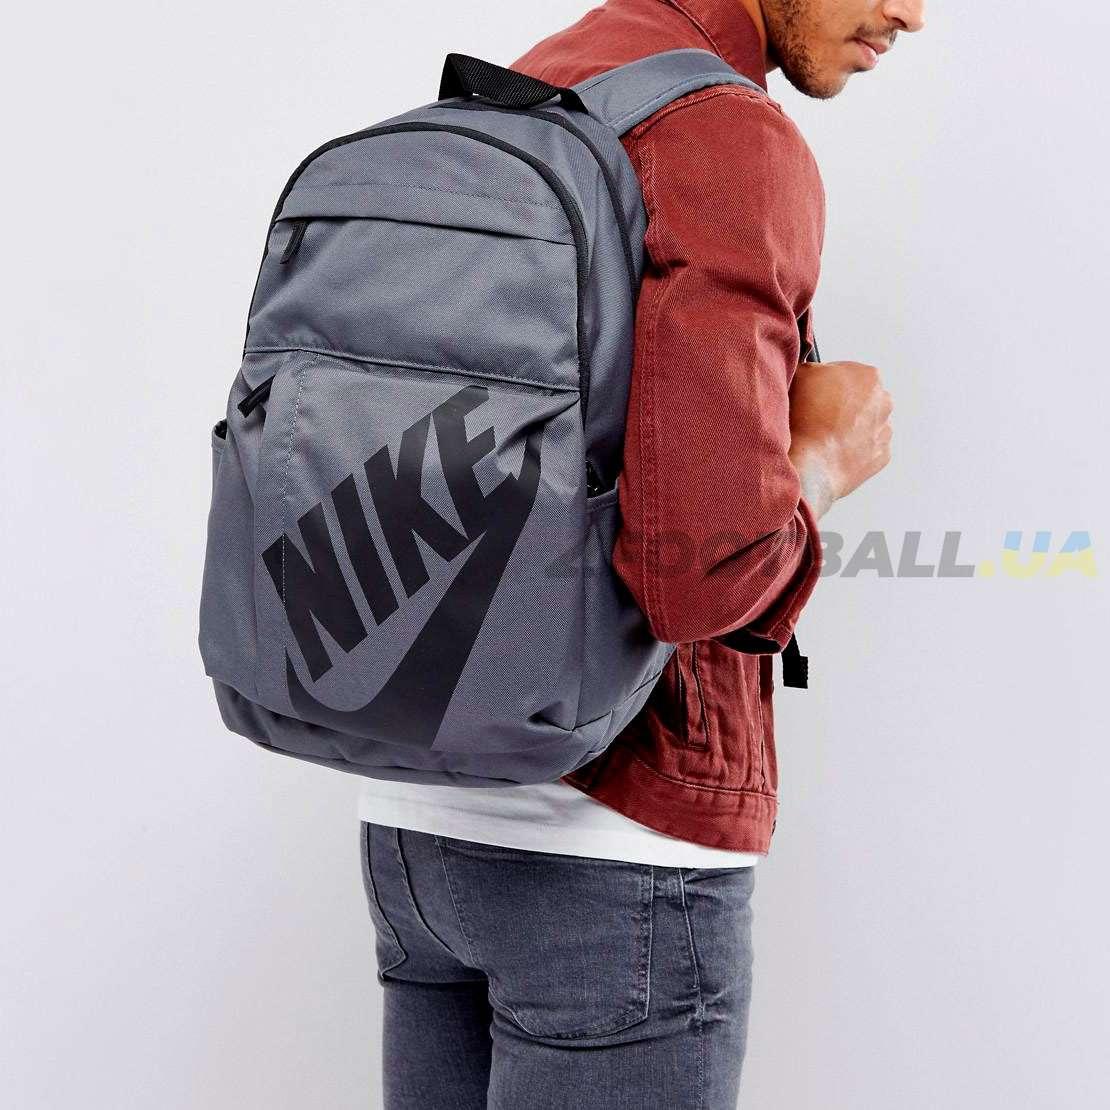 4cdfbacc2 Рюкзак Nike Elemental | BA5381-020 купить на 4football™ в Киеве ...